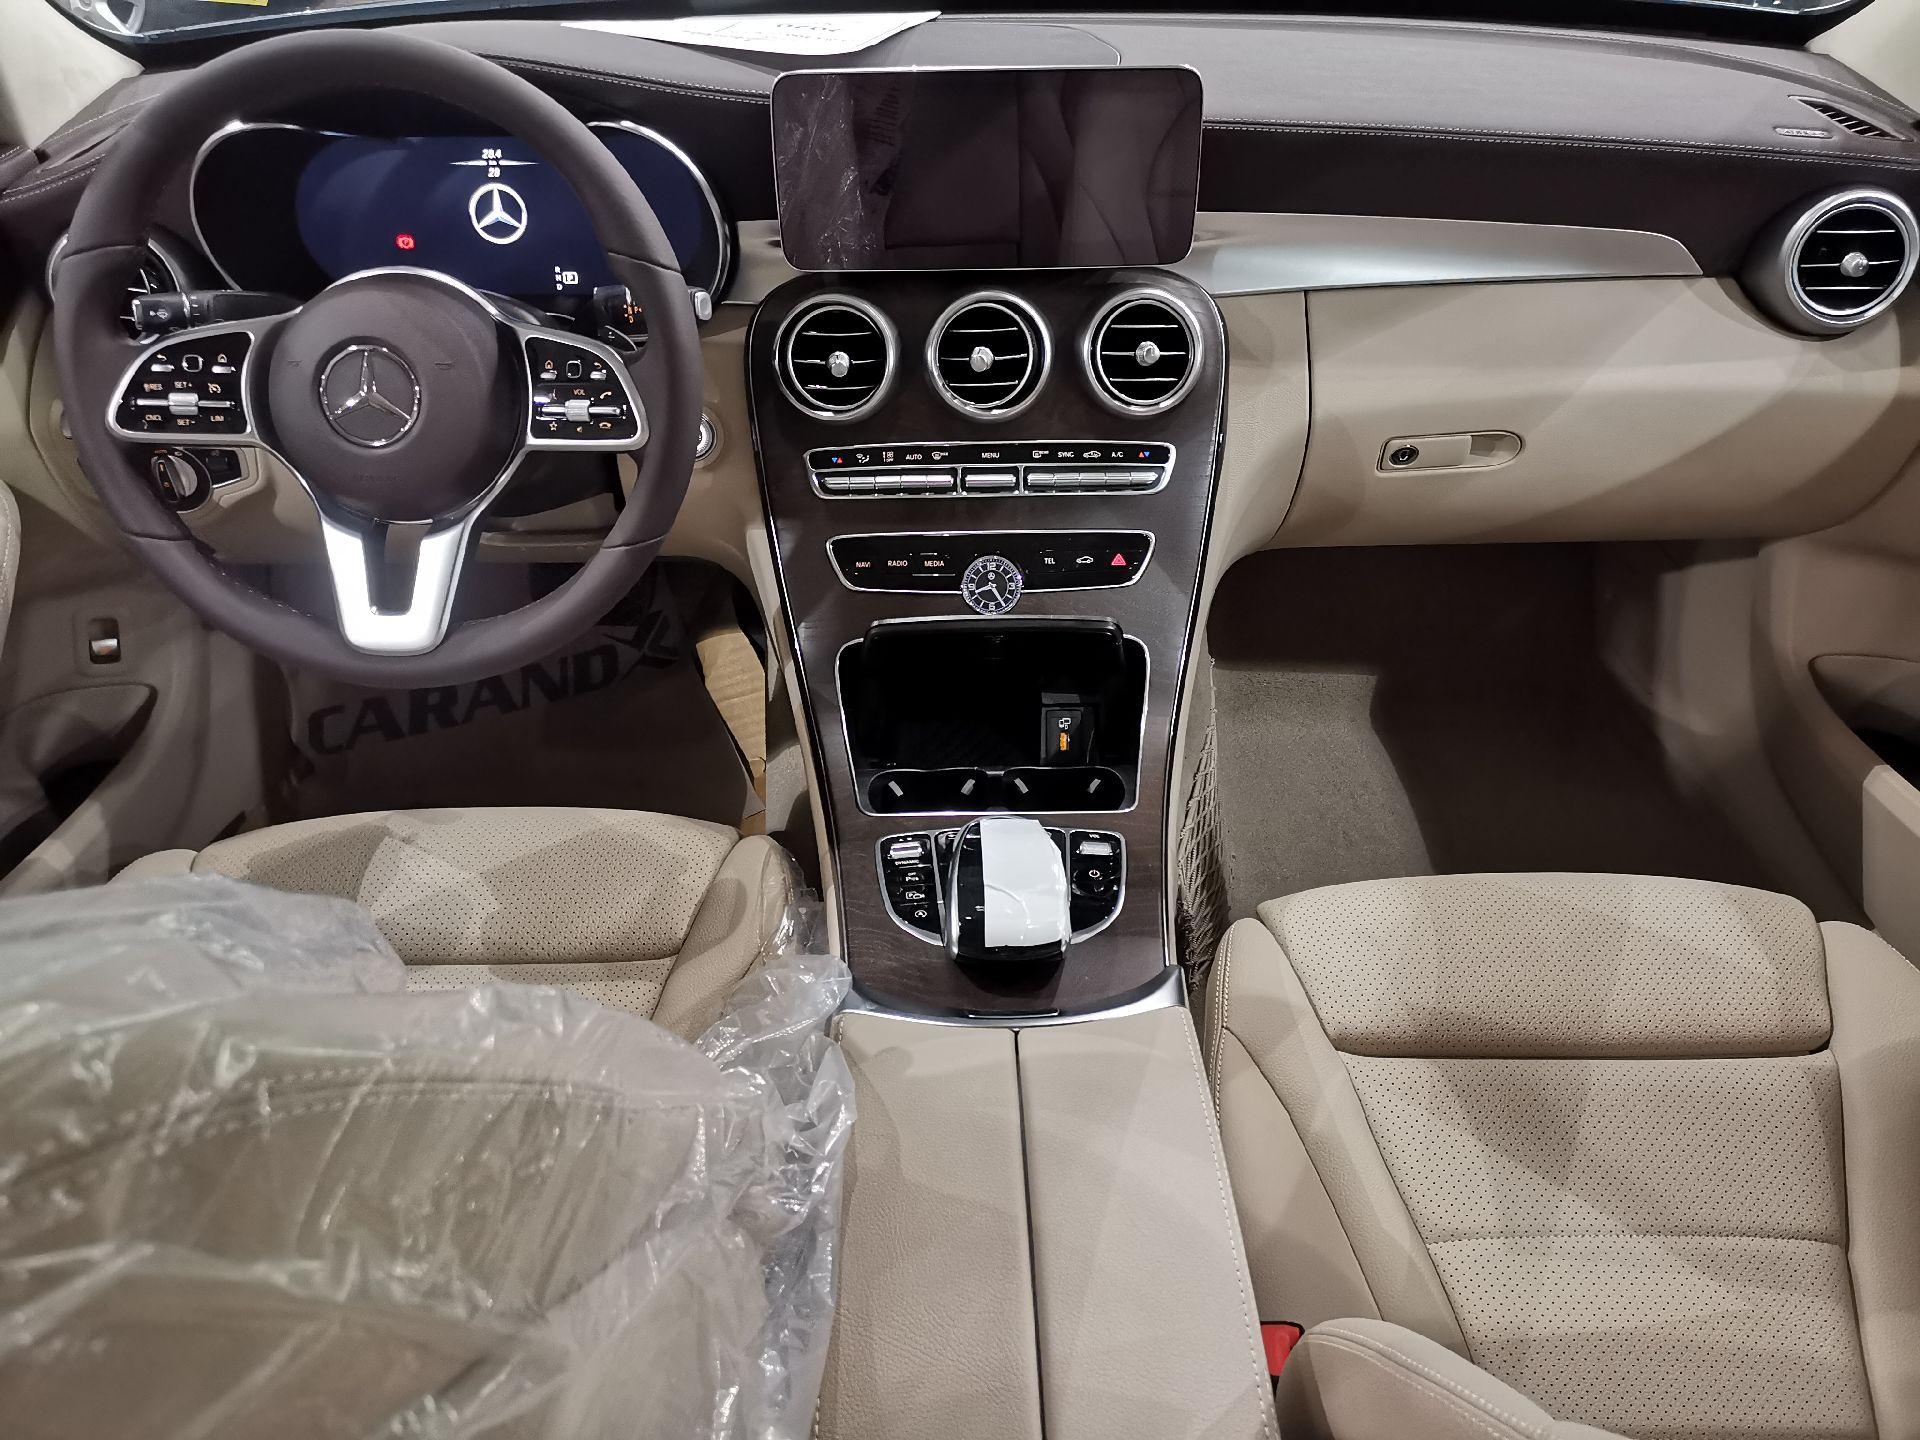 مباع - مرسيدس C200 نص فل 2020 ألماني للبيع في الرياض - السعودية - صورة كبيرة - 10